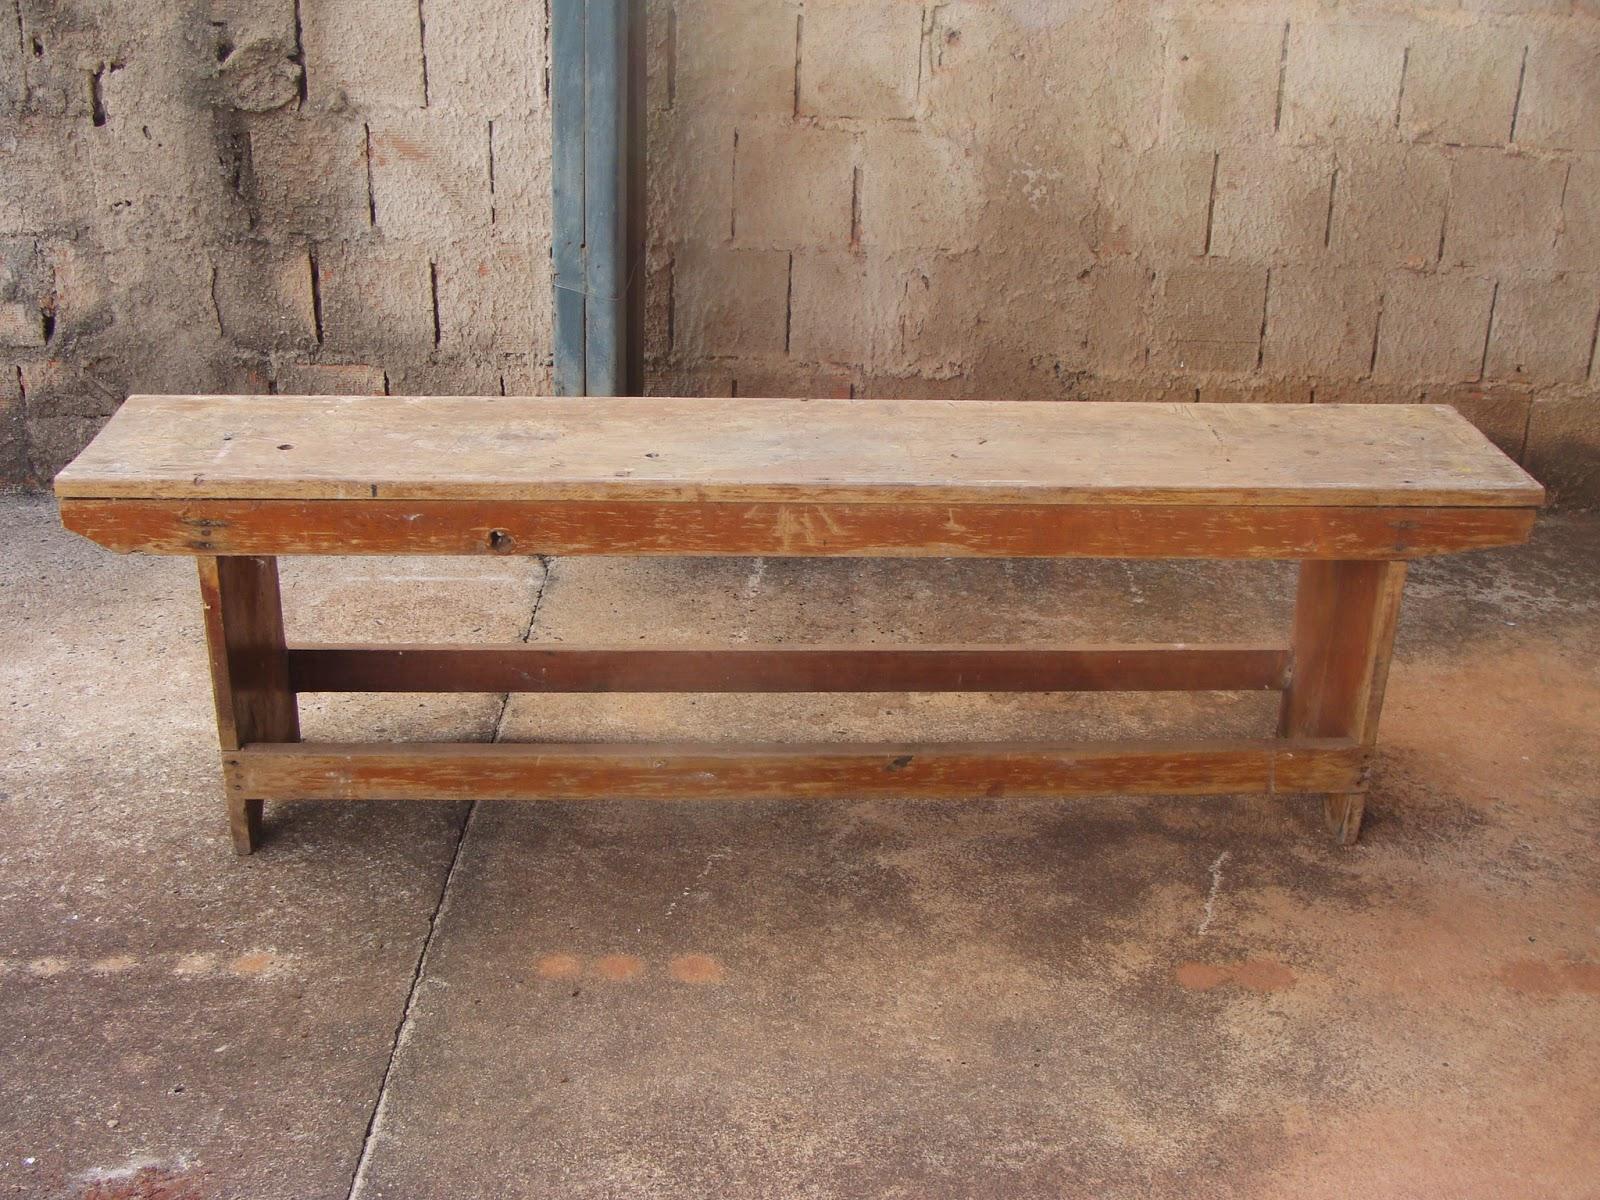 Ambiente Bariri: Reforma em banco de madeira #8D633E 1600x1200